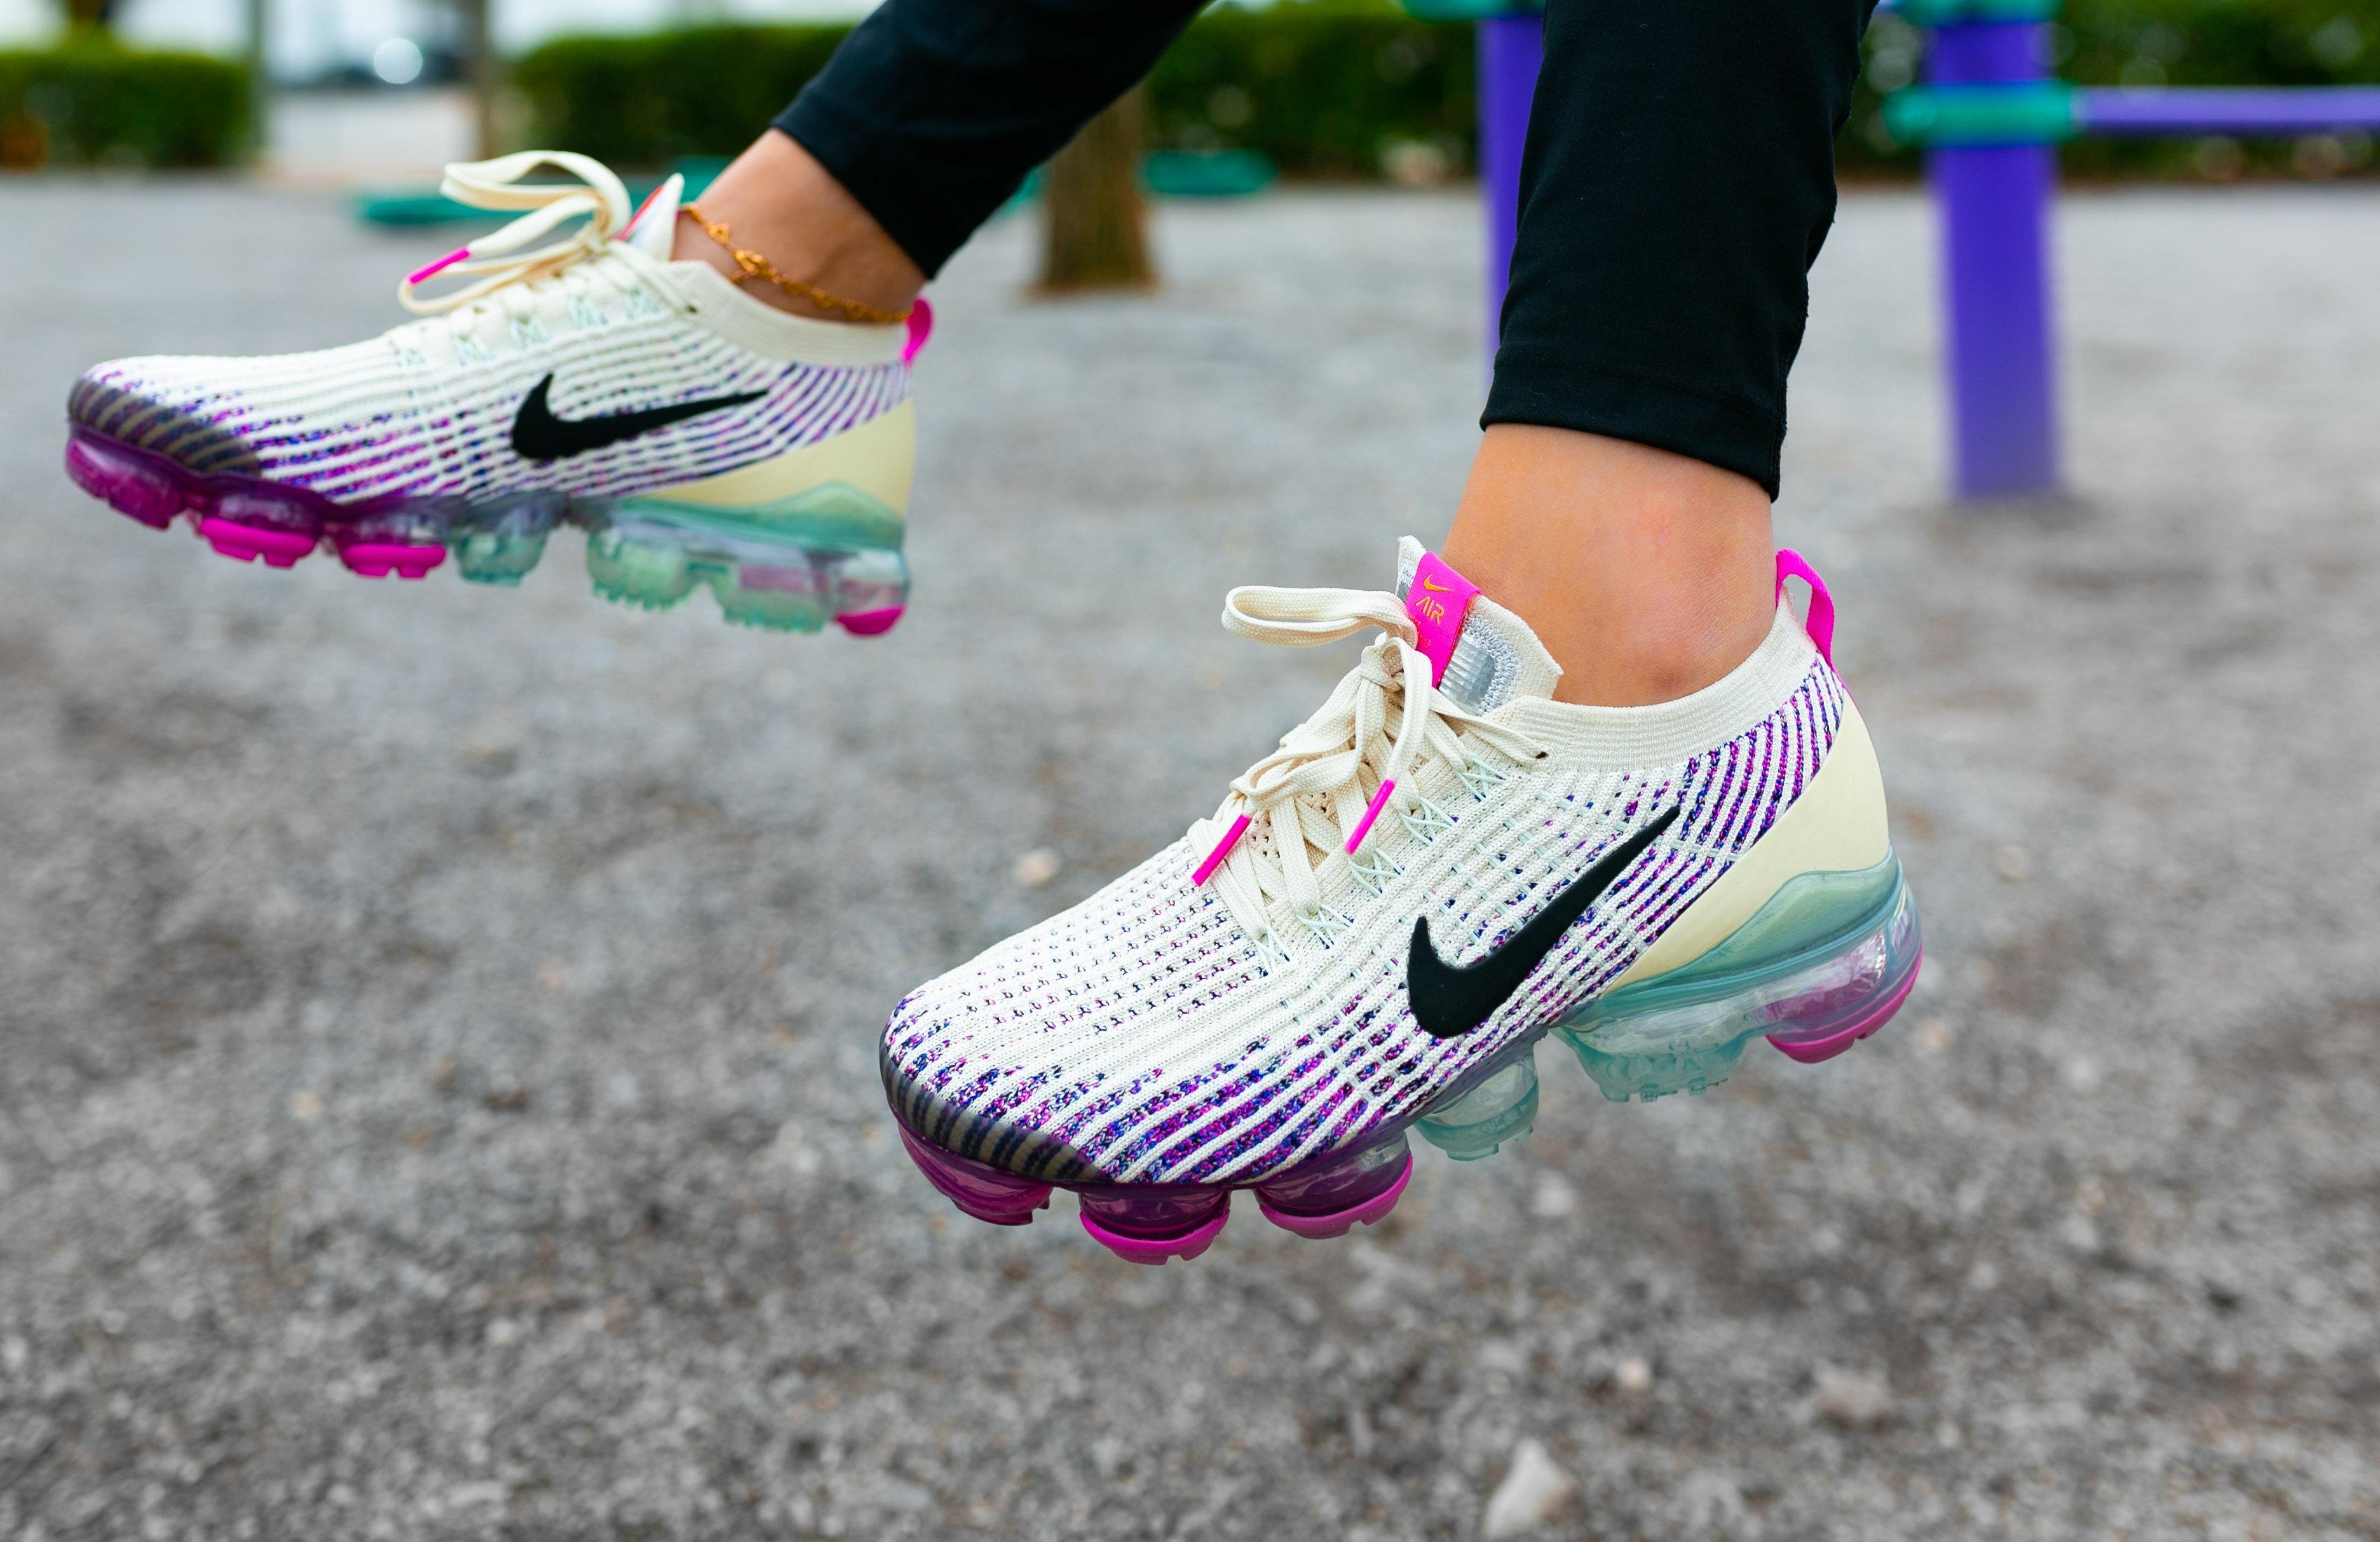 """Nike Air VaporMax Flyknit 3 """"Fossil/Black"""" Women's Shoe side by side."""